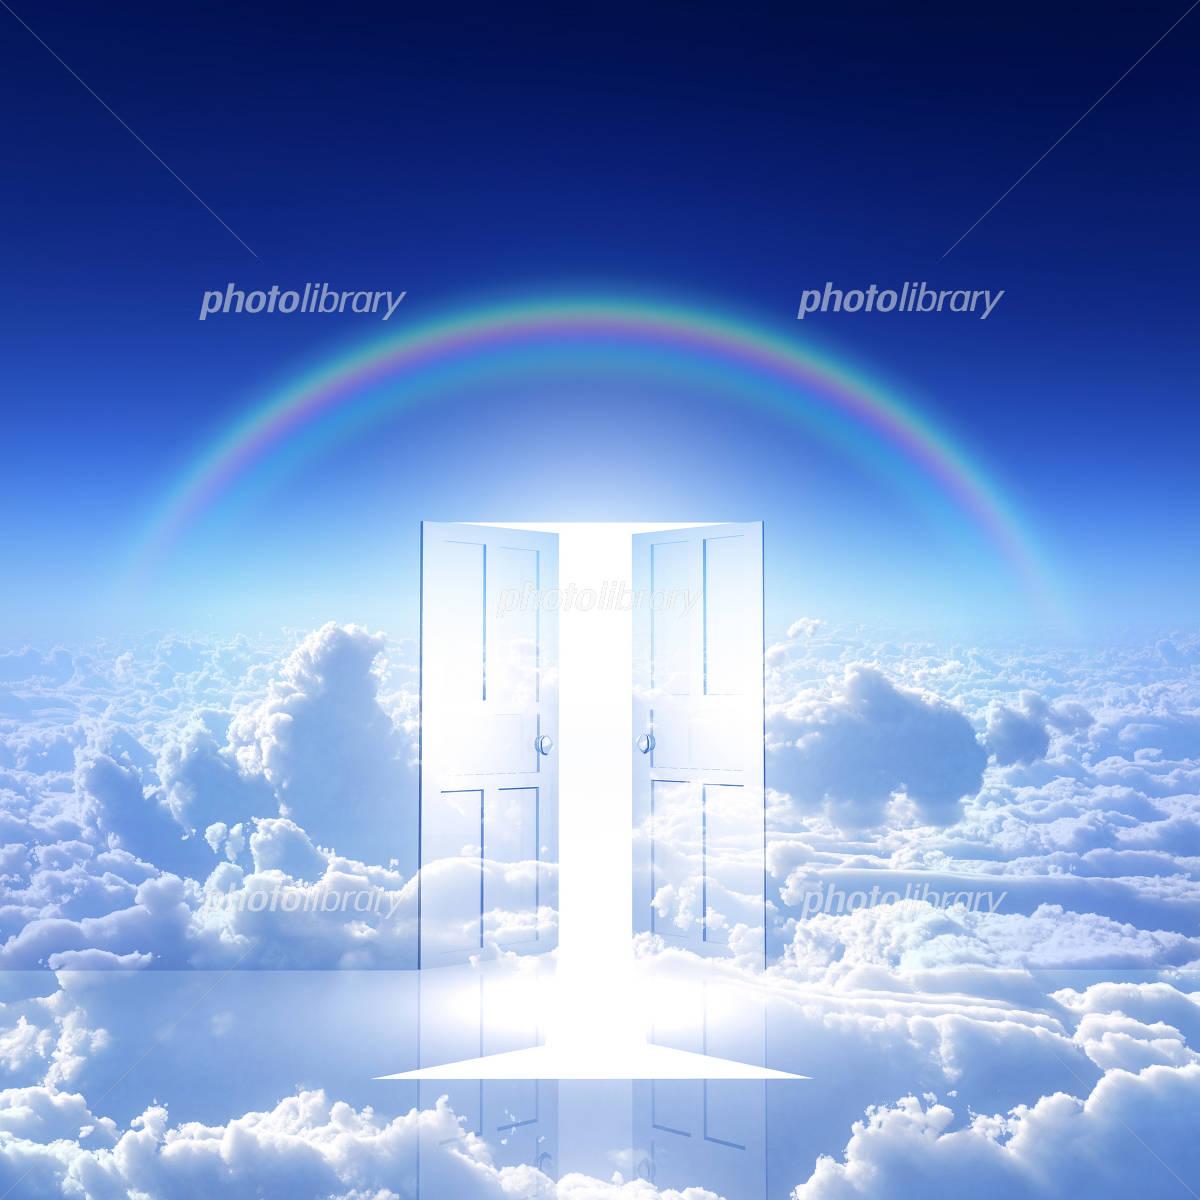 開くドアと希望の光 イラスト素材 4387529 フォトライブラリー